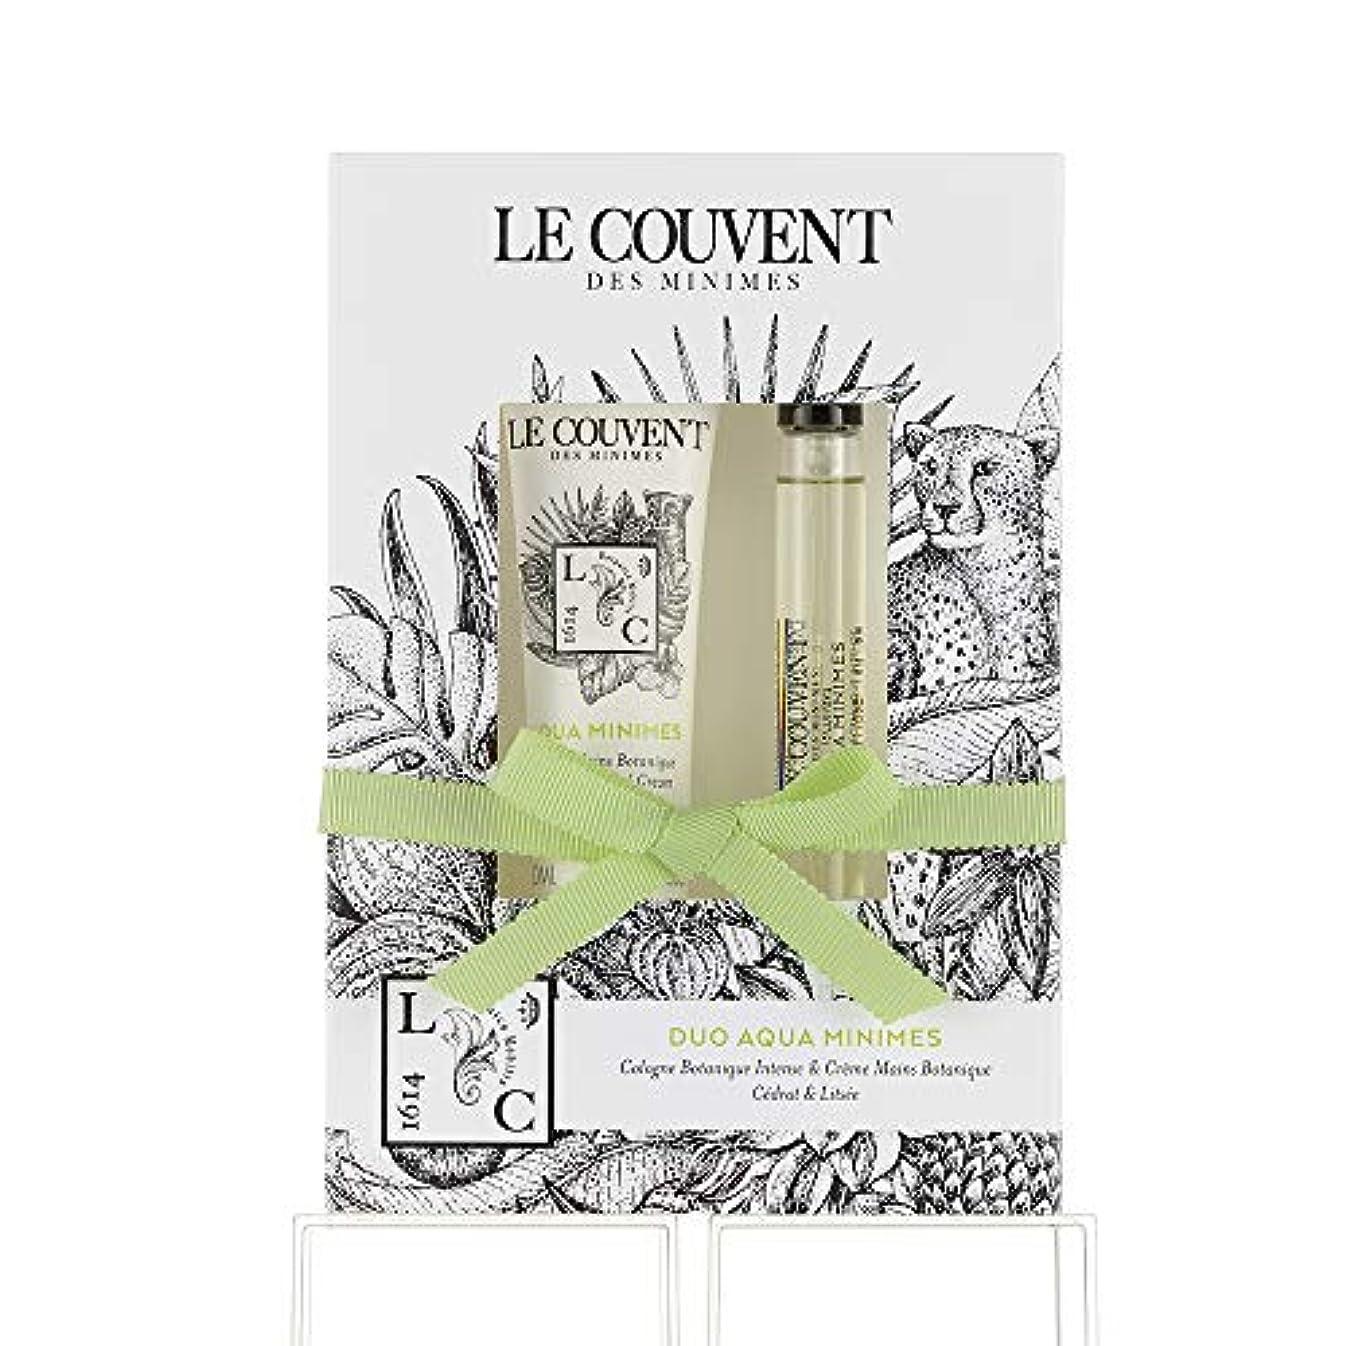 針共産主義支援するクヴォン?デ?ミニム(Le Couvent des Minimes) ボタニカルデュオ ボタニカルコロン アクアミニム10mL×1、アクアミニム ハンドクリーム30g×1